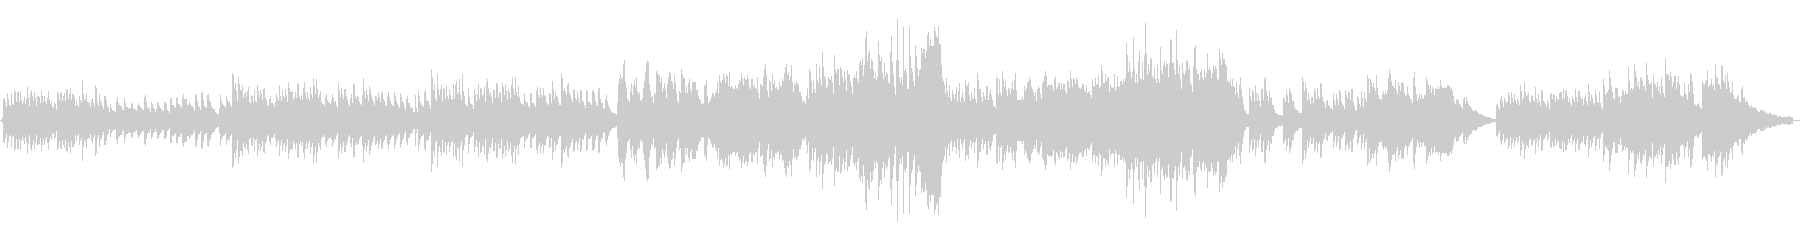 穏やかなピアノインストの未再生の波形